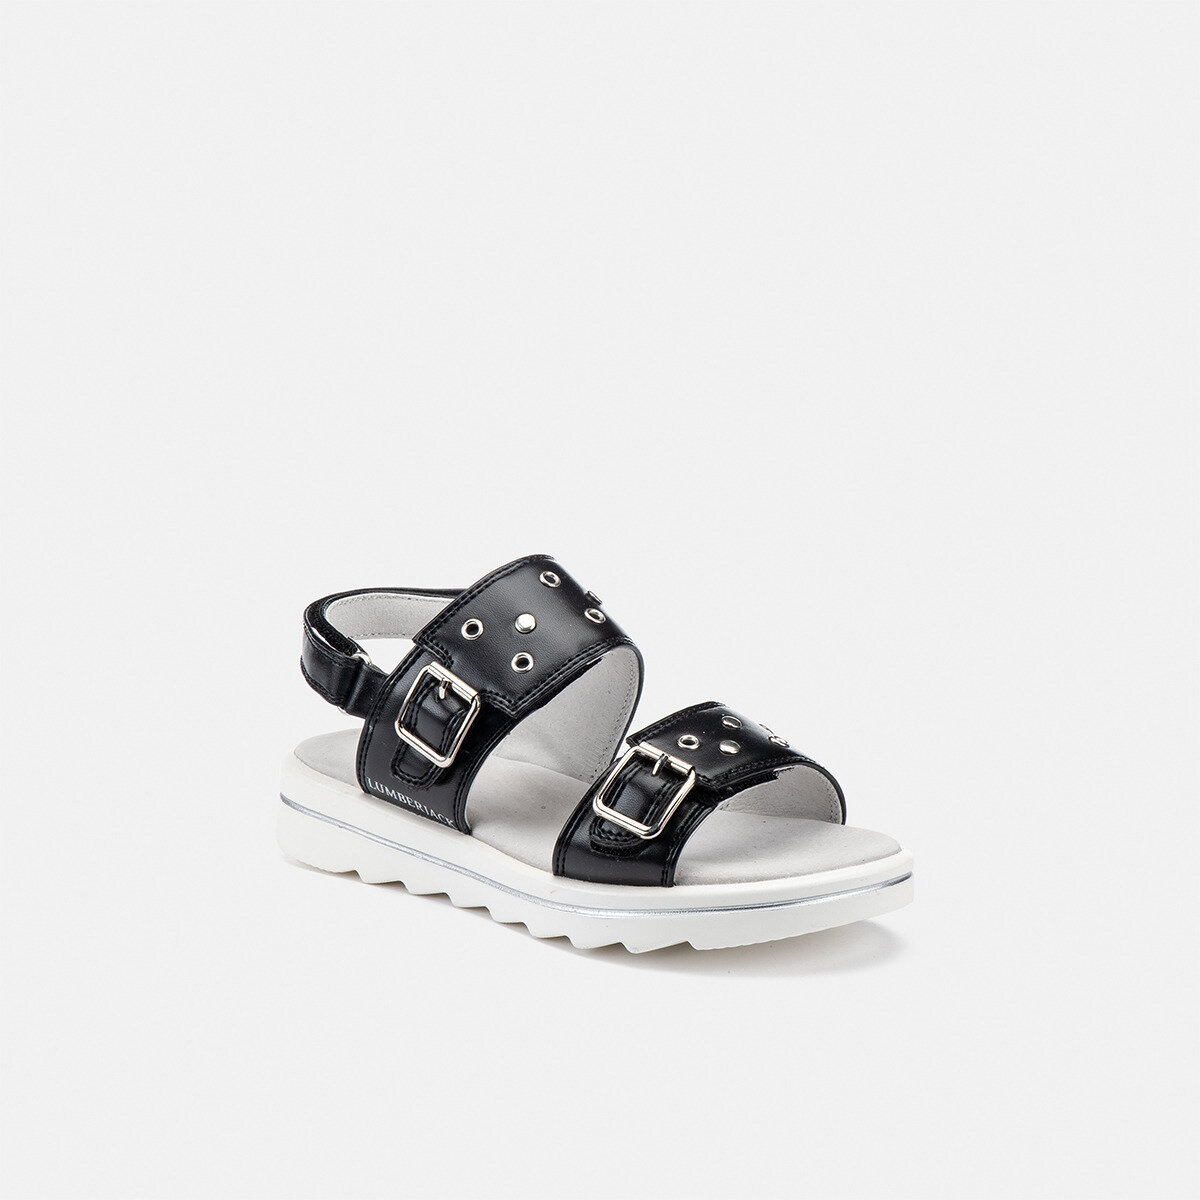 DELIGHT BLACK Girl Sandals